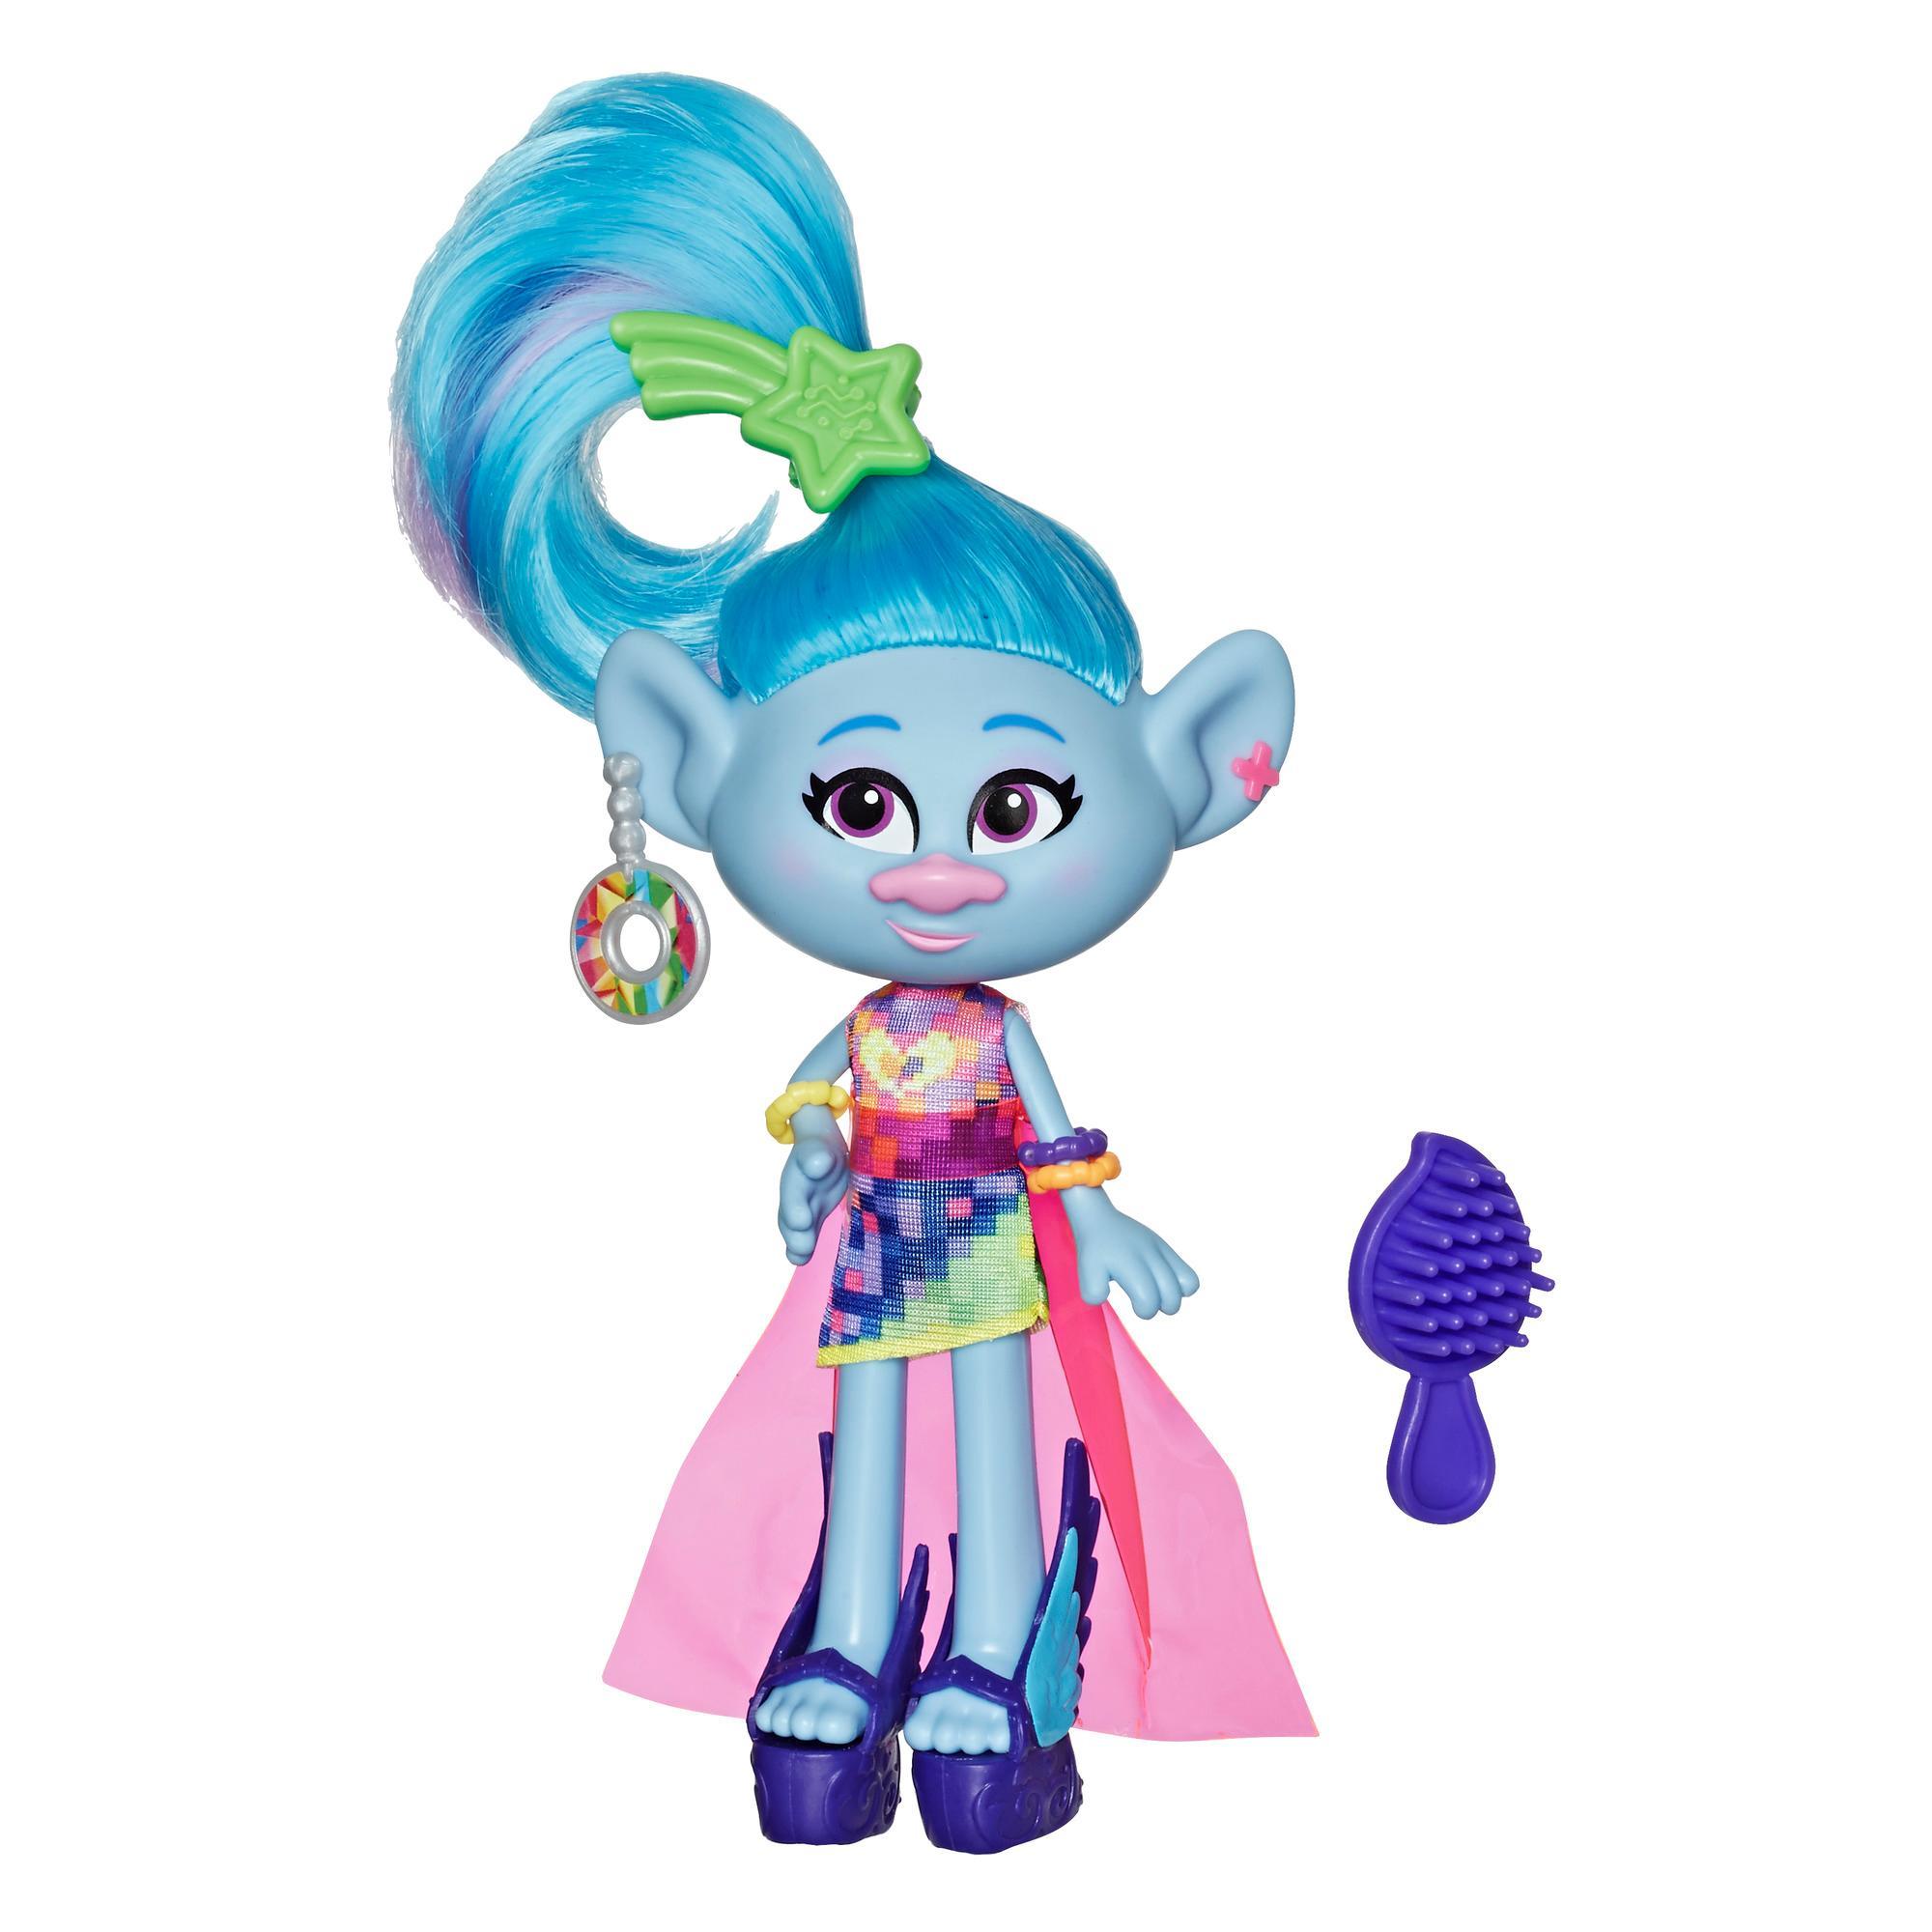 DreamWorks Trolls - Seda Glamour - Figura con vestido y accesorios, inspirada en Trolls 2  - Juguete para niñas